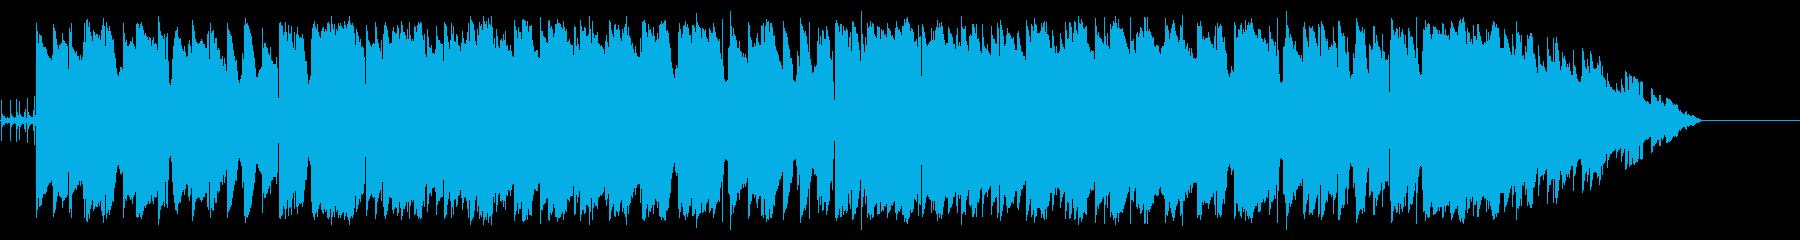 アダルトなバーをイメージしたジャズの再生済みの波形